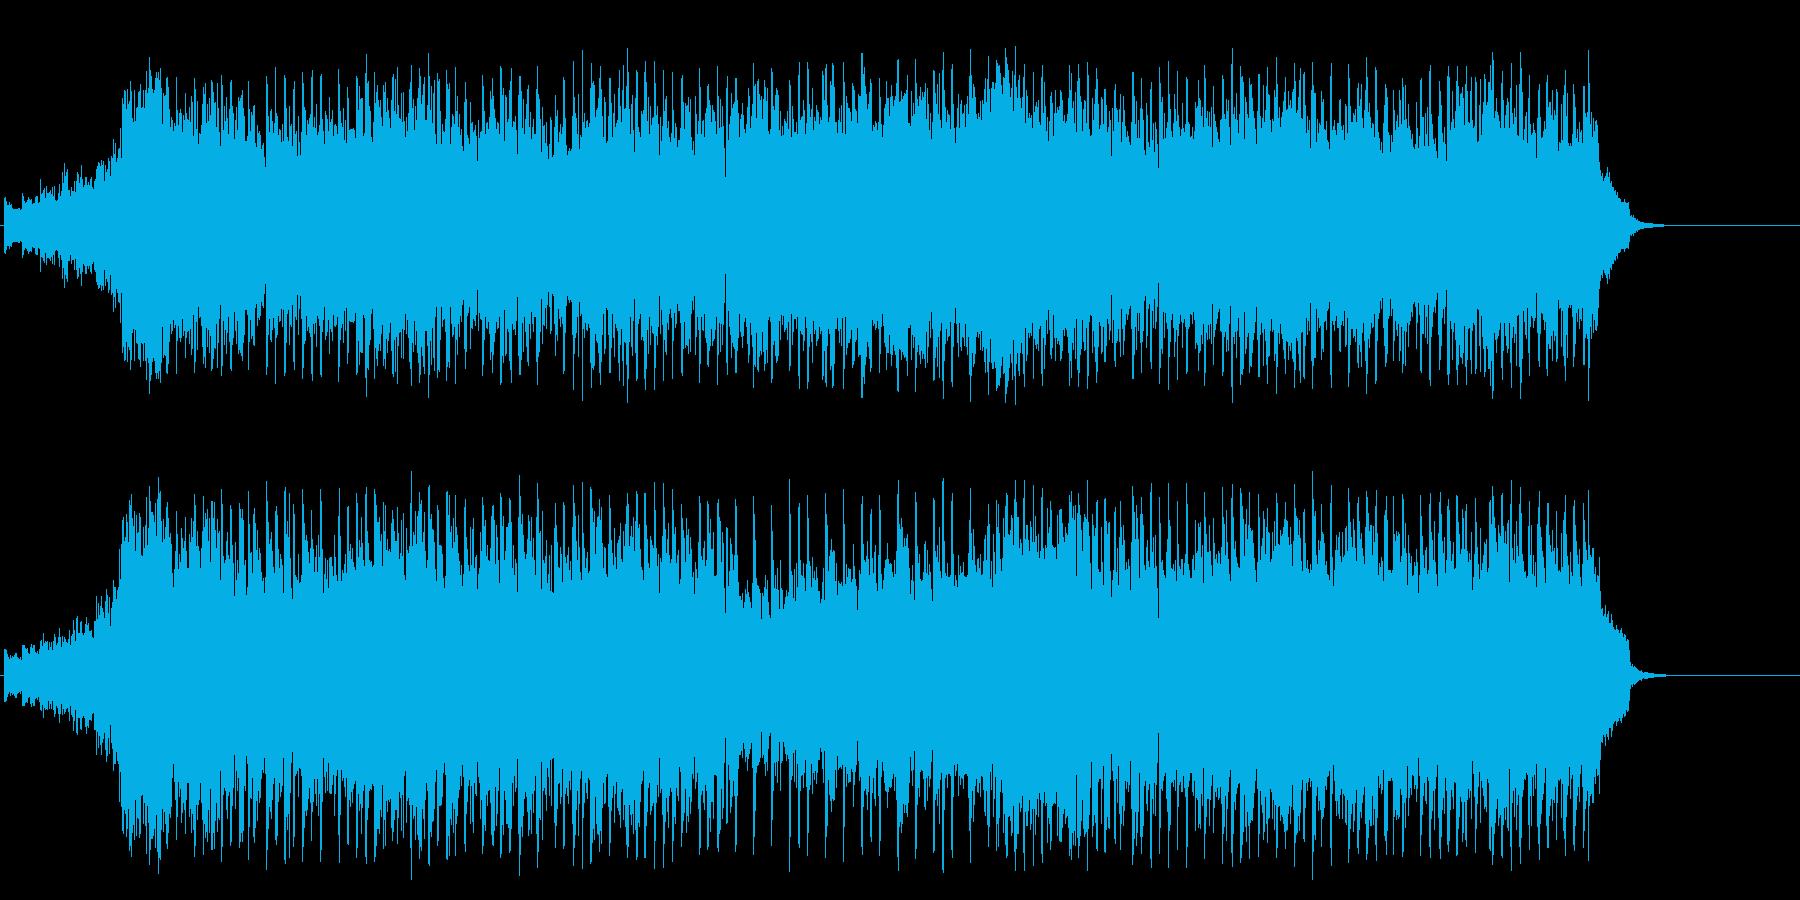 賛美歌風の感動的なブライダルポップの再生済みの波形